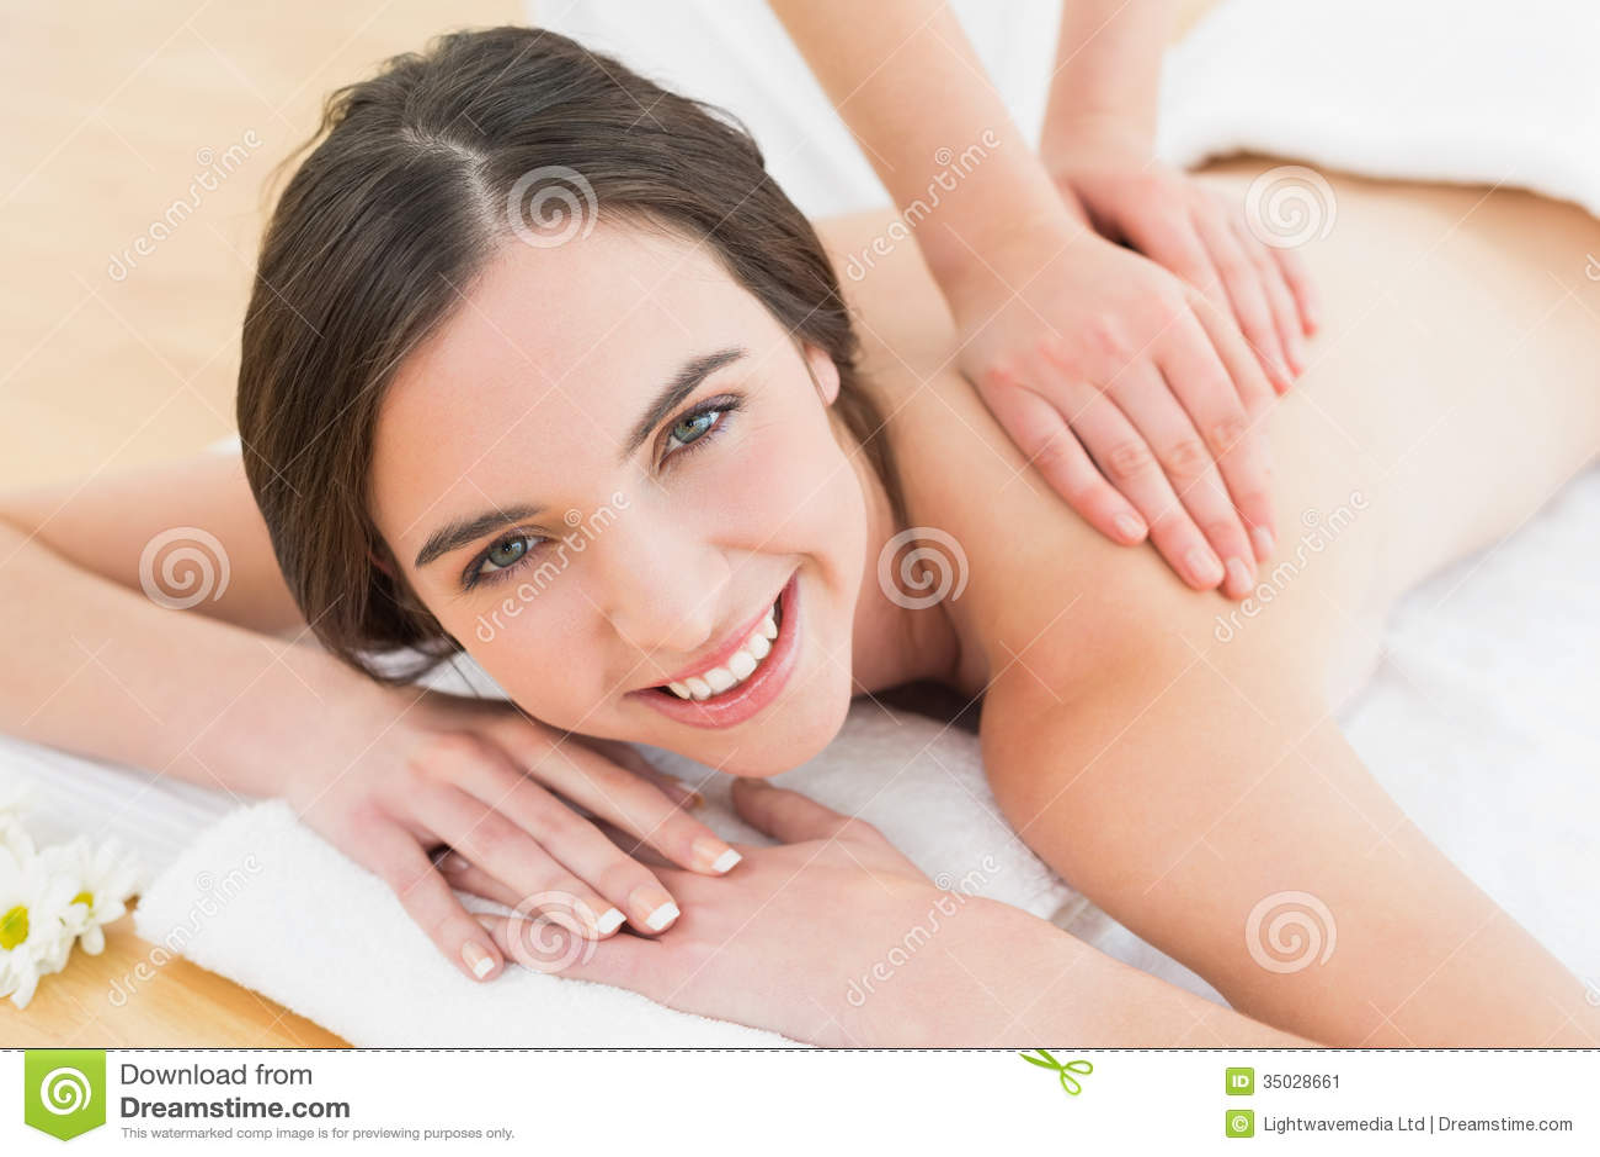 adult female massage brisbane erotic relaxation